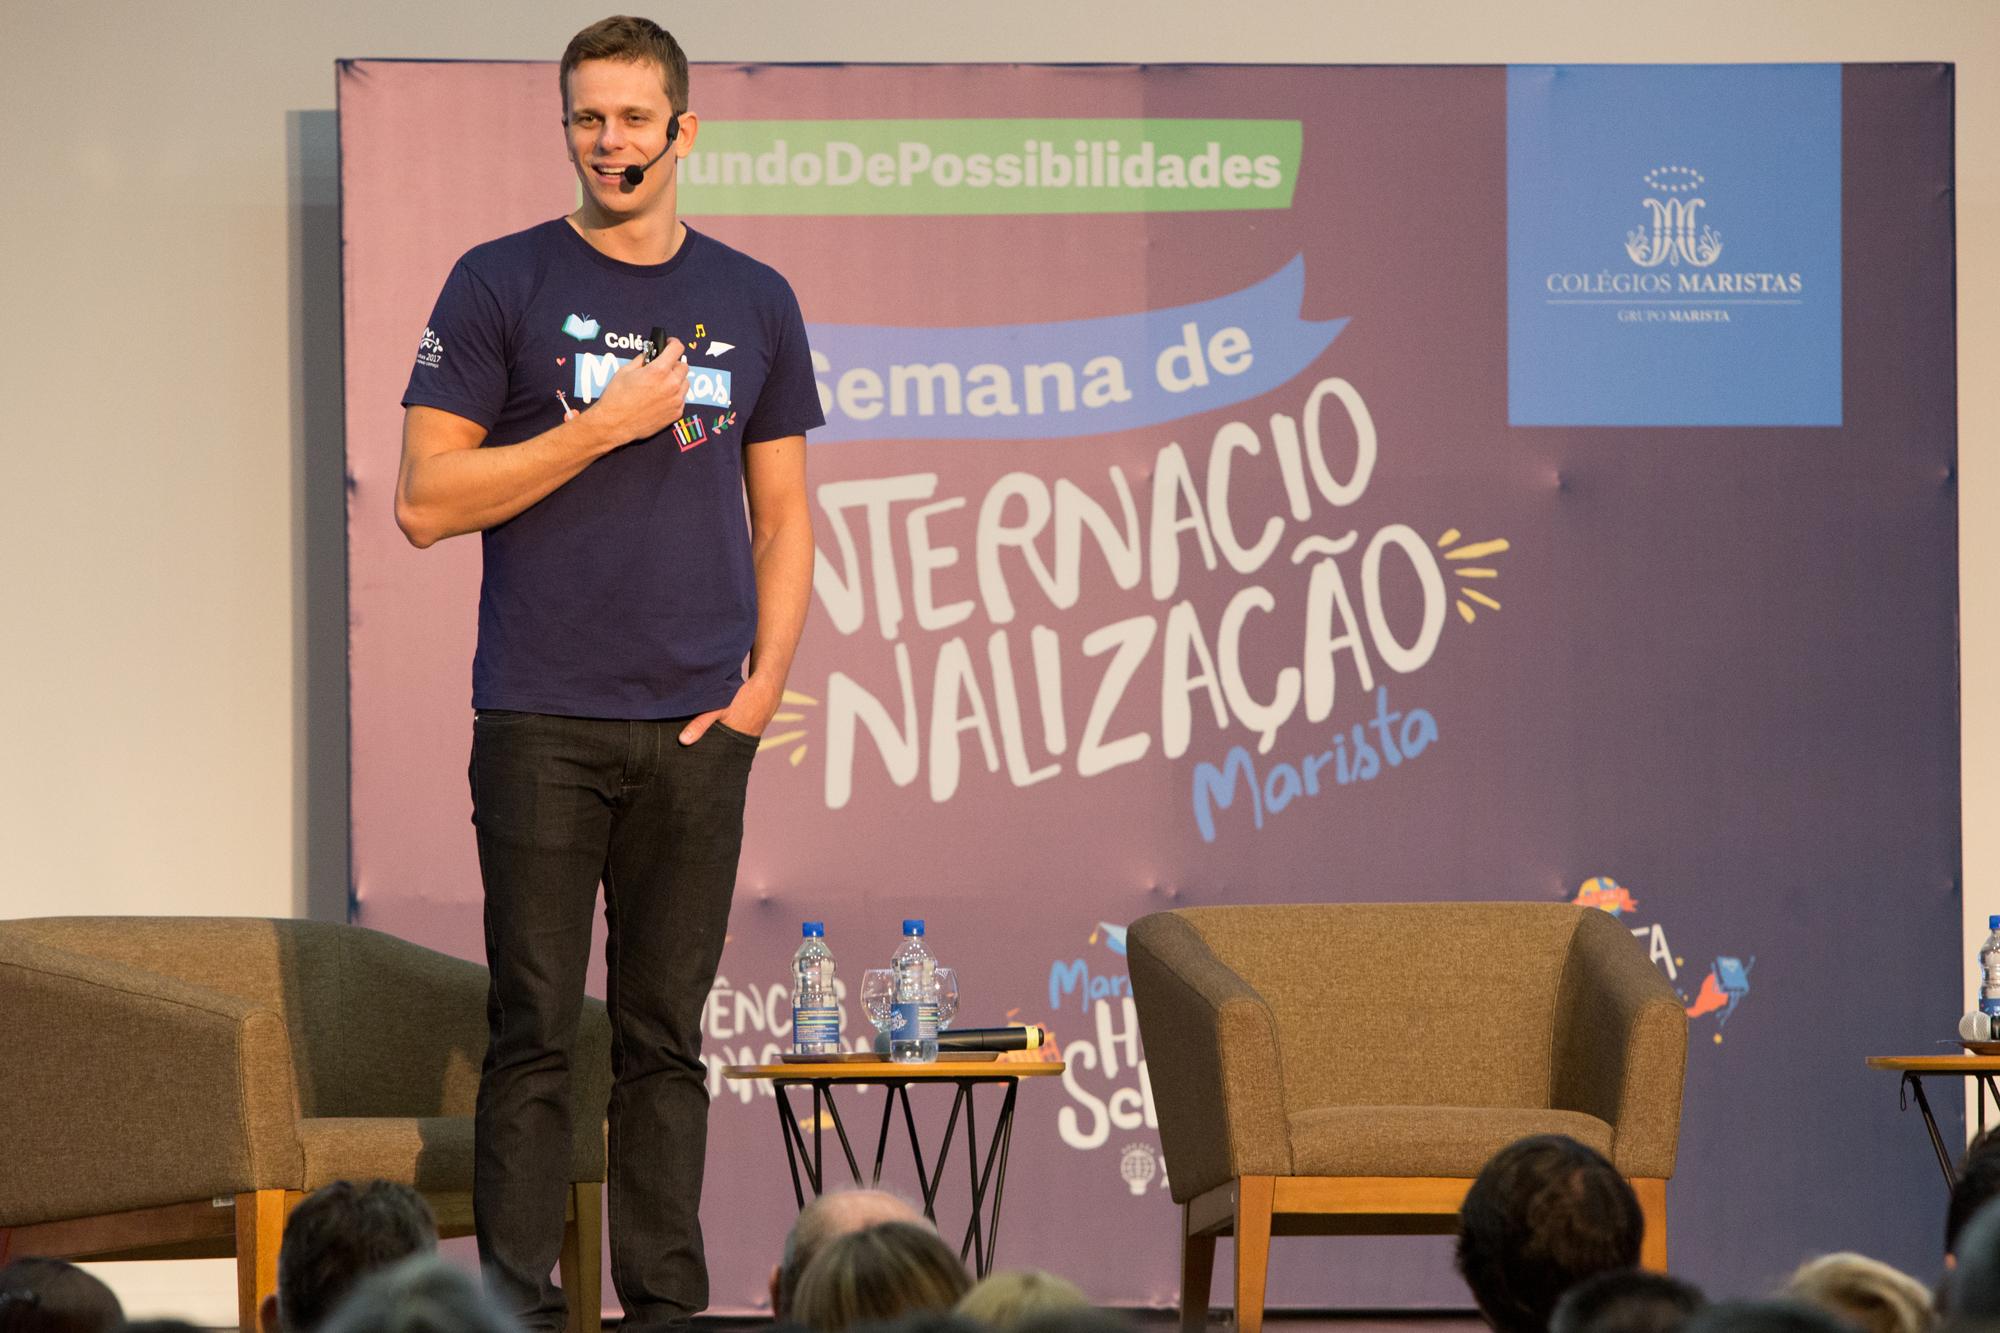 Cesar Cielo fala sobre experiências internacionais para estudantes em Curitiba